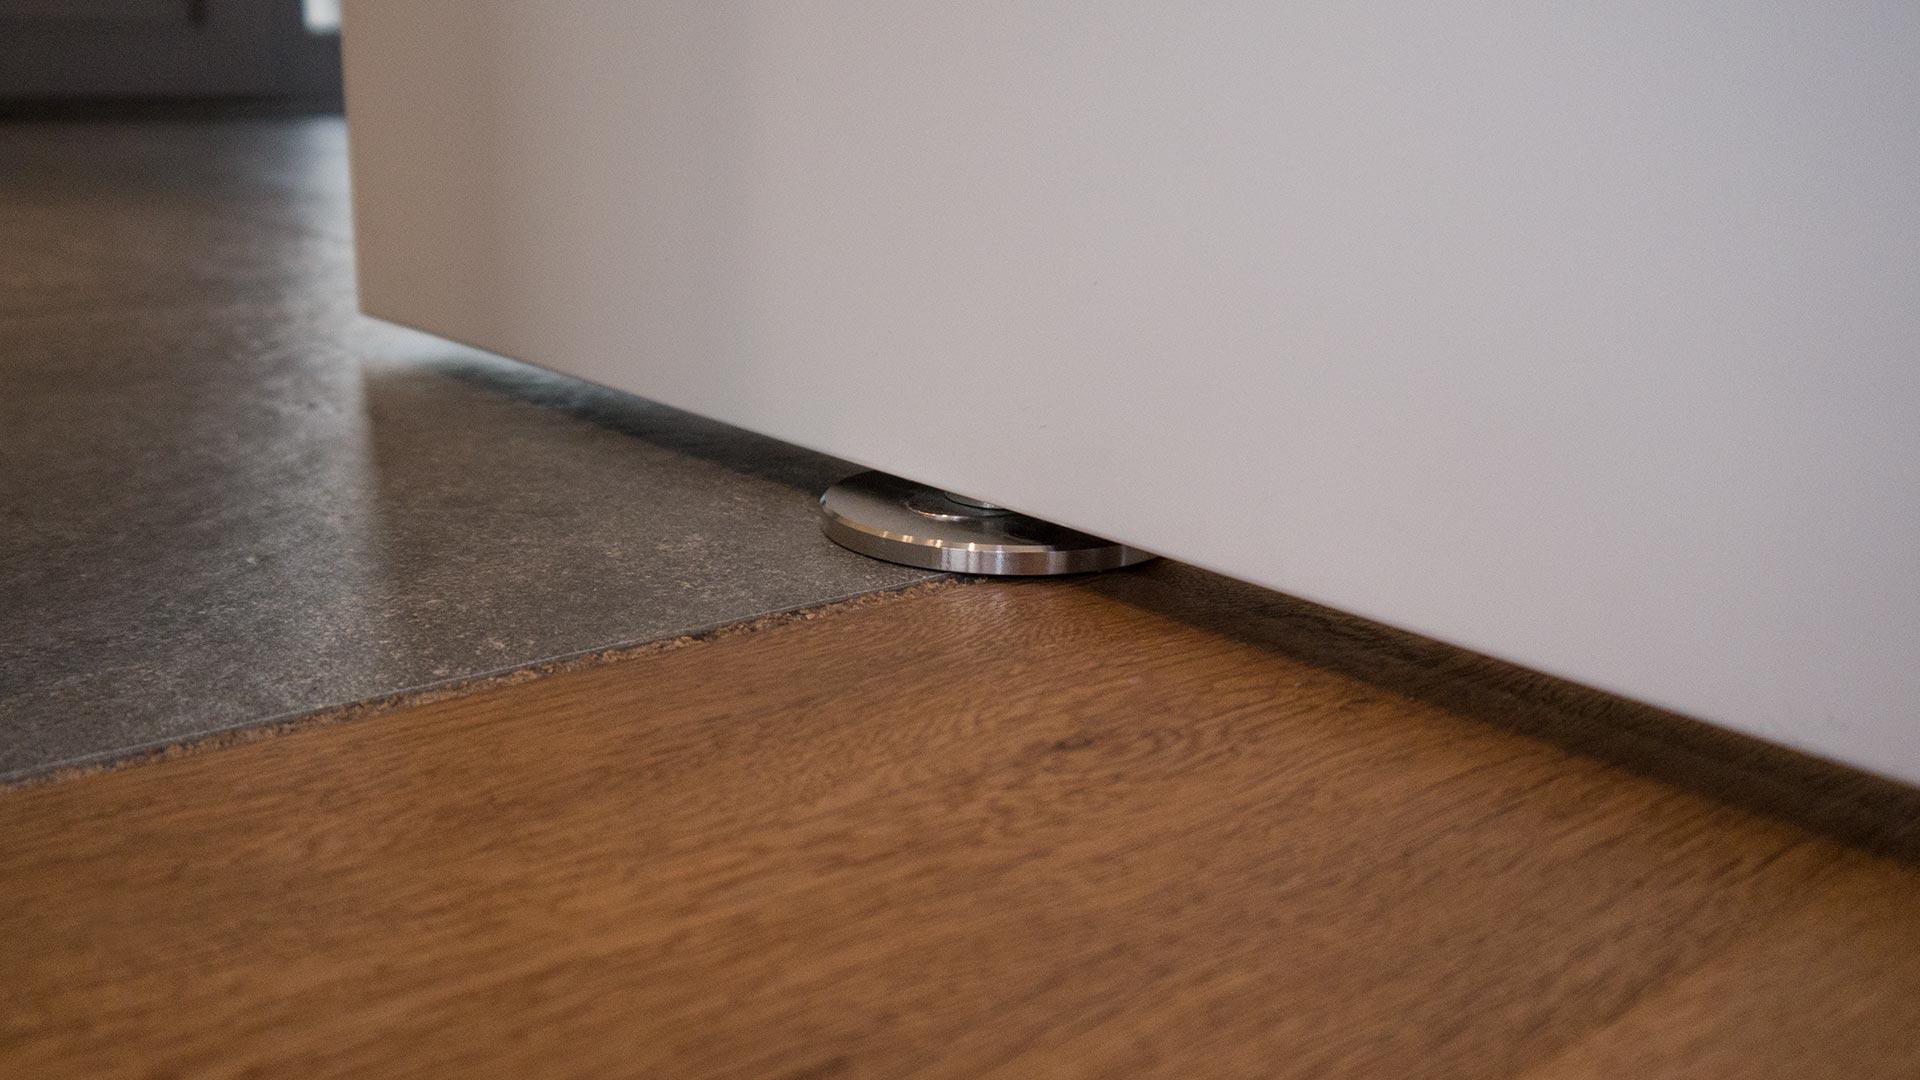 Auch am Boden ist von der Pivot-Tür-Aufhängung nur eine kleine Metallplatte sichtbar.